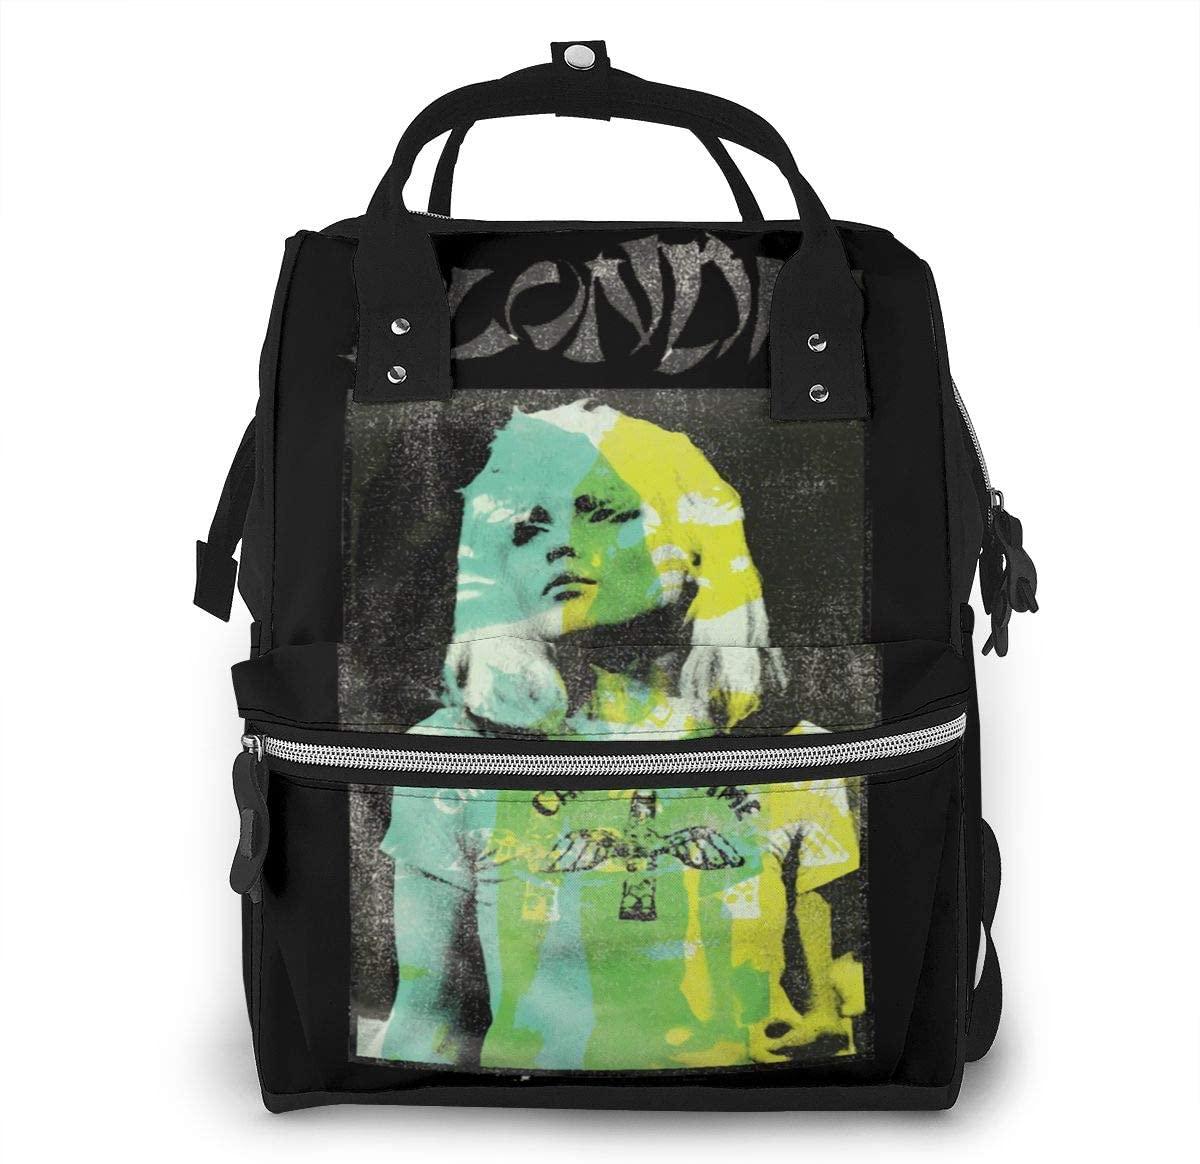 Sherrygeoffrey Blondie Bonzai Diaper Backpack Large Capacity Travel Bag